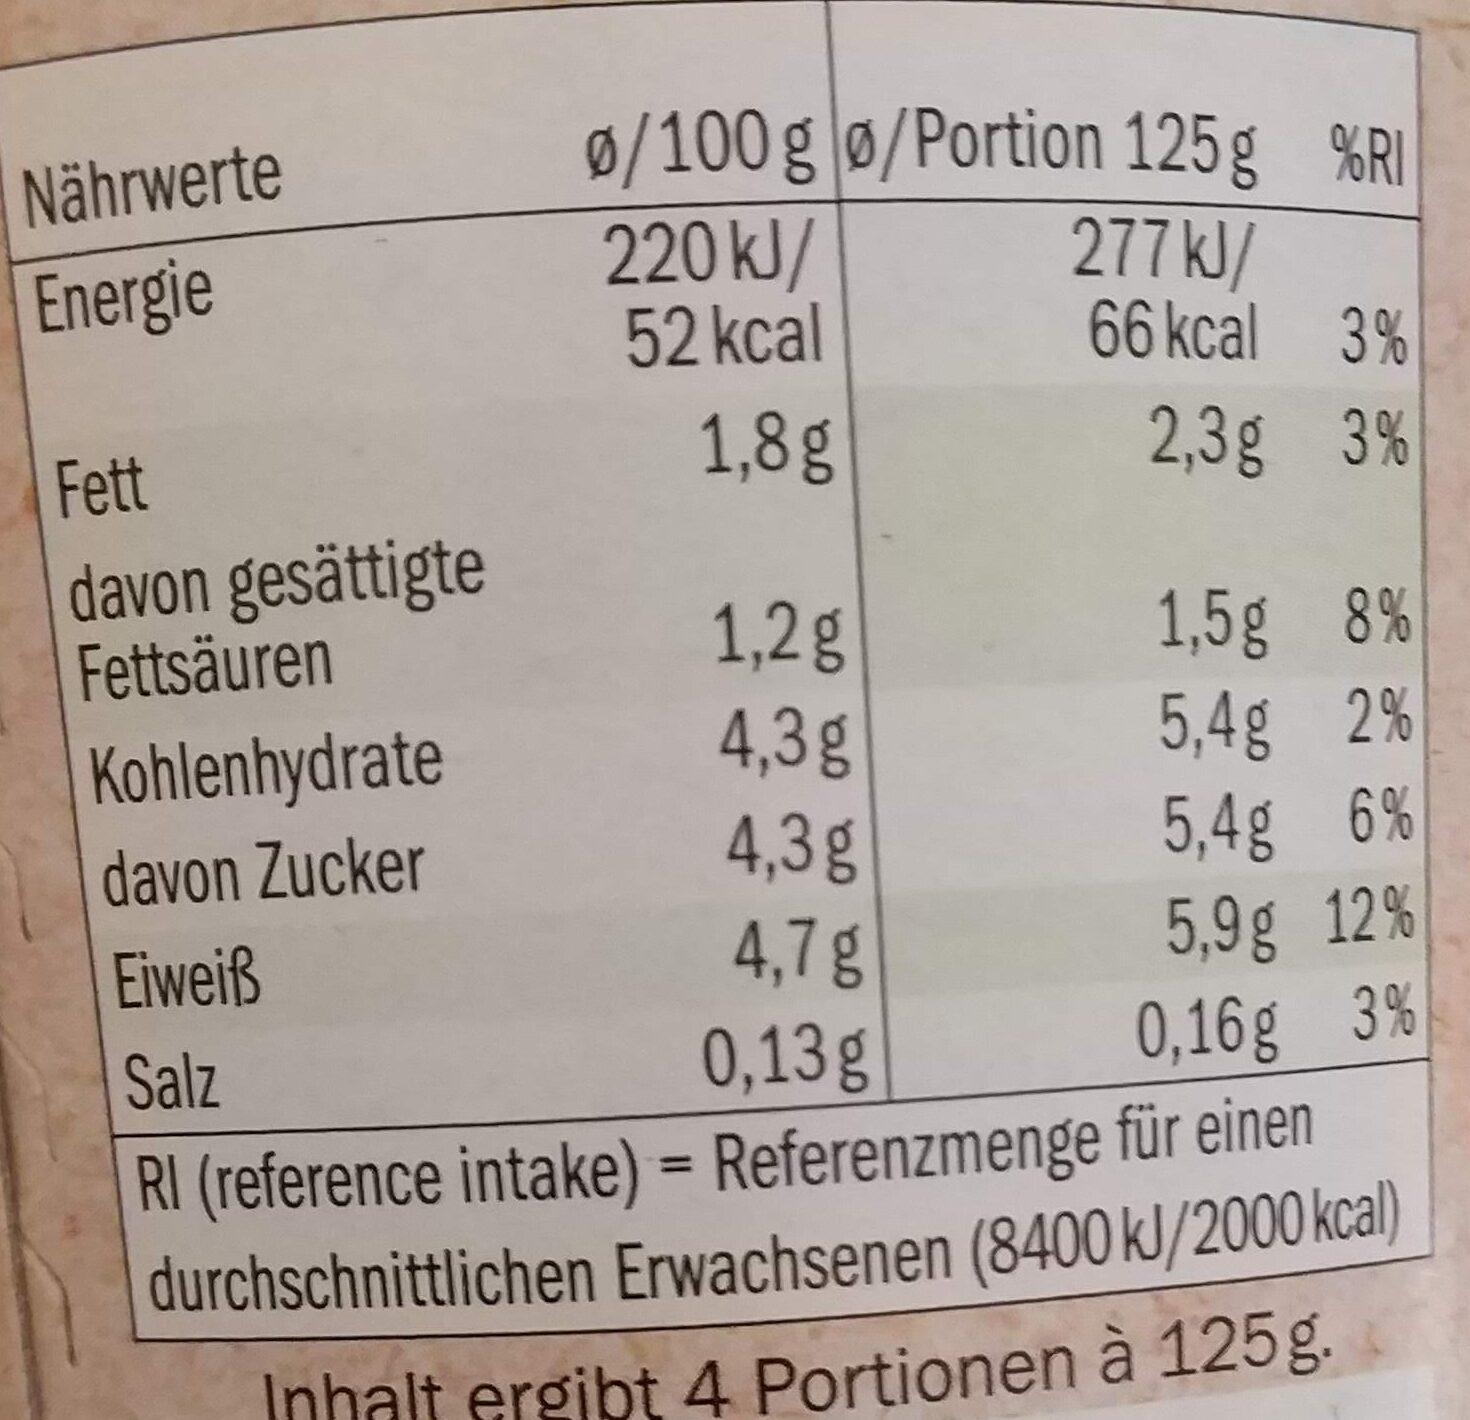 Fettarmer Joghurt Mild - Nutrition facts